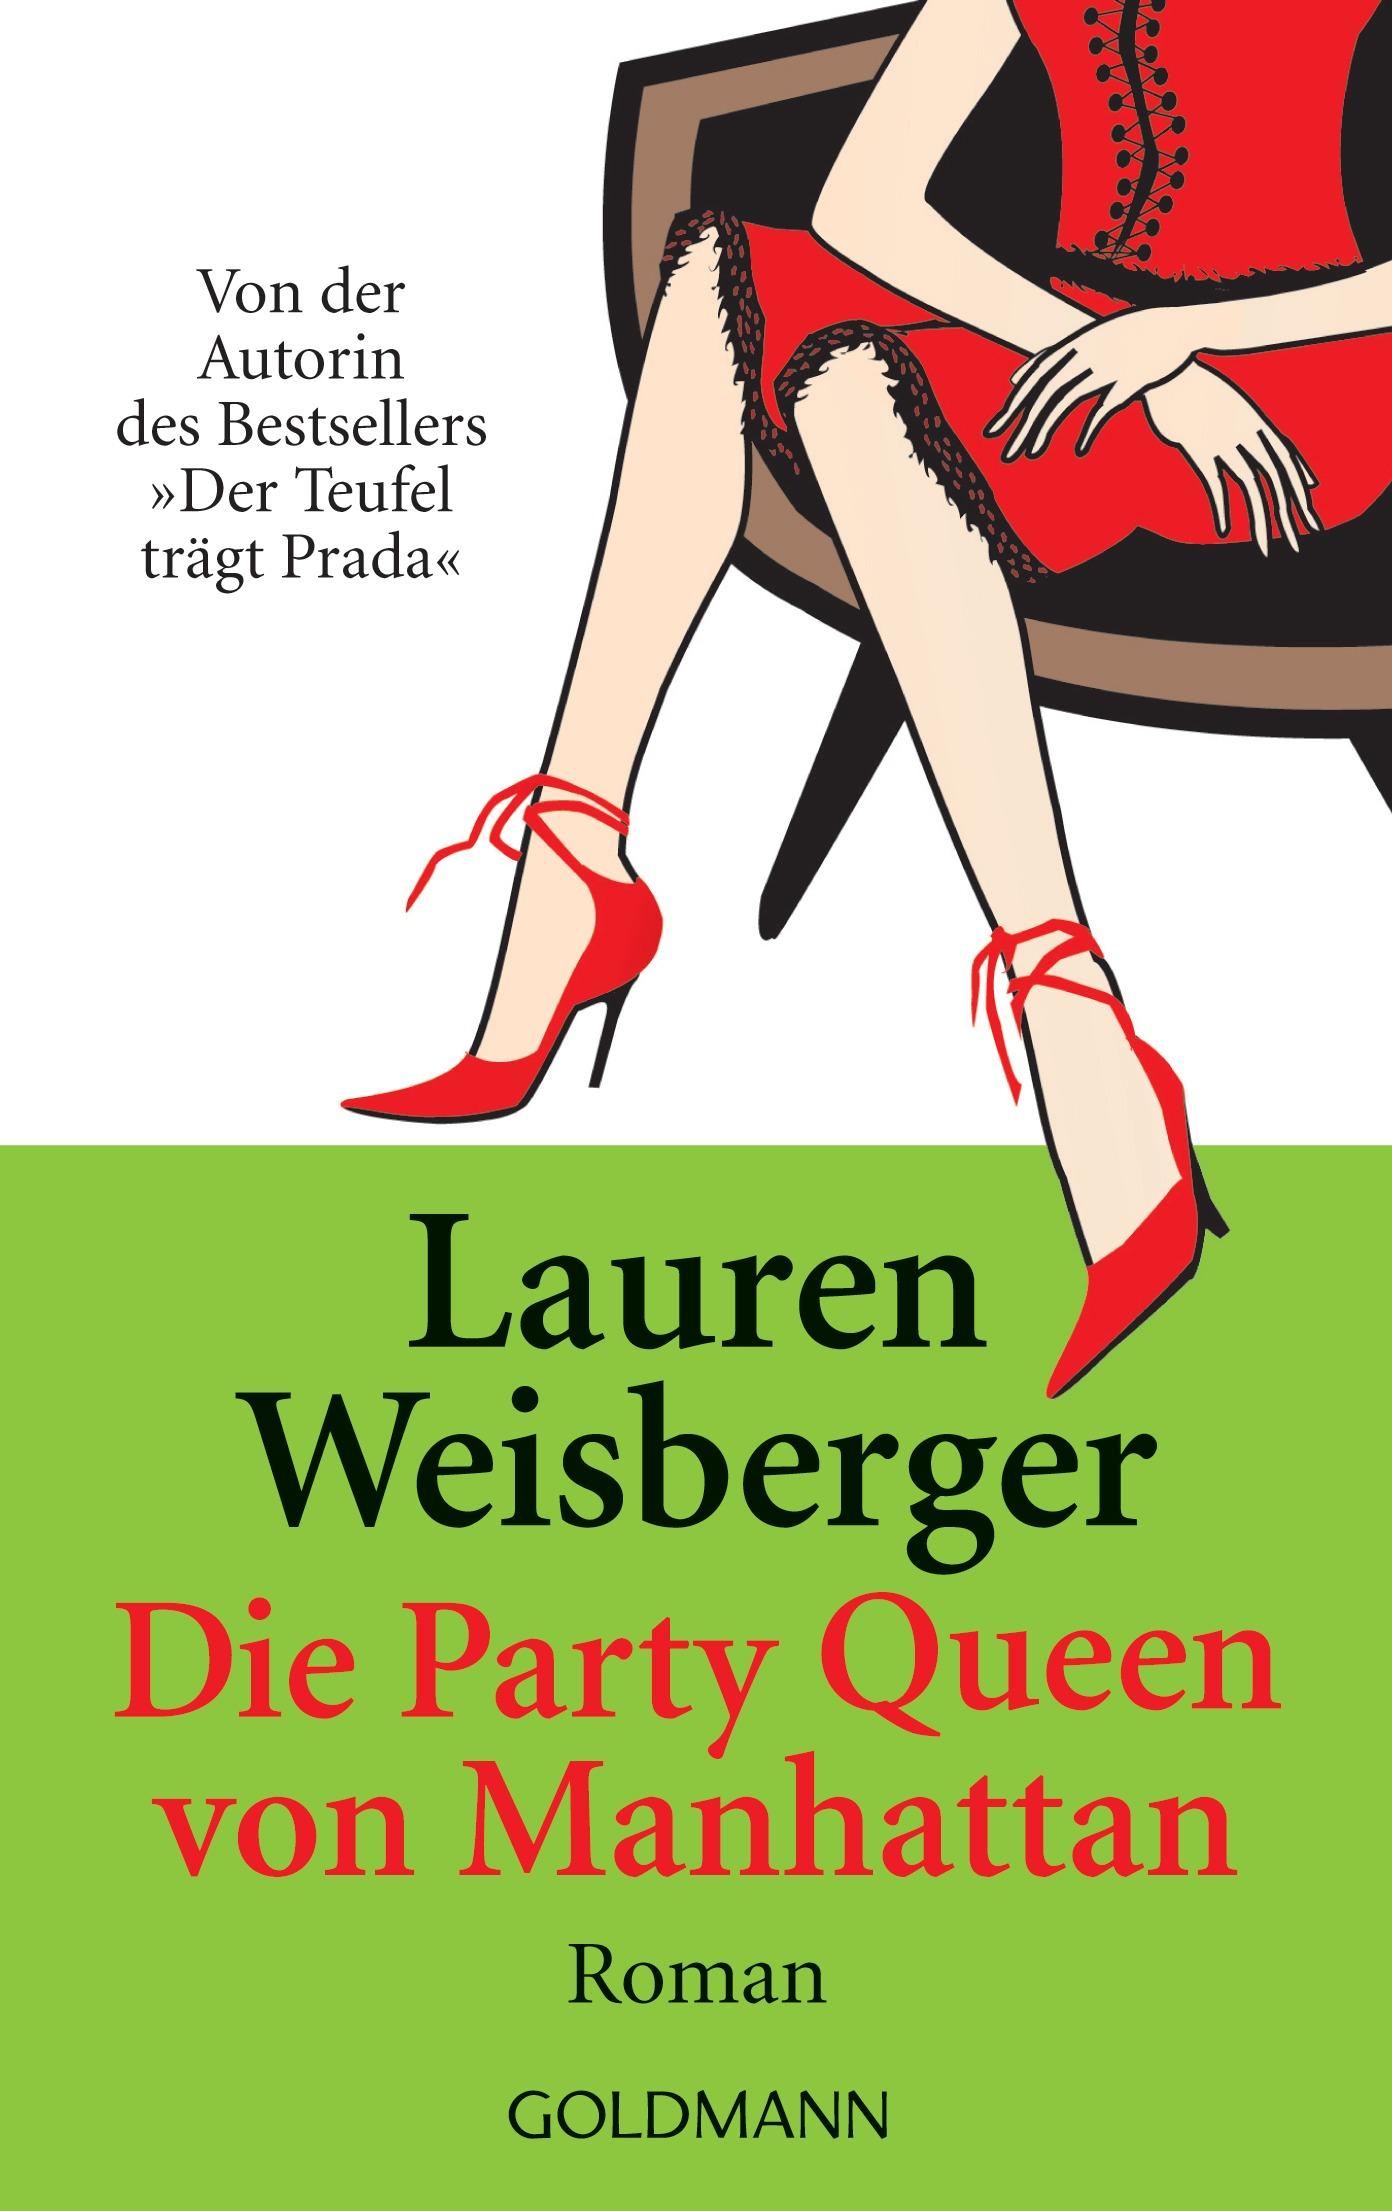 Die Party Queen von Manhattan - Lauren Weisberger